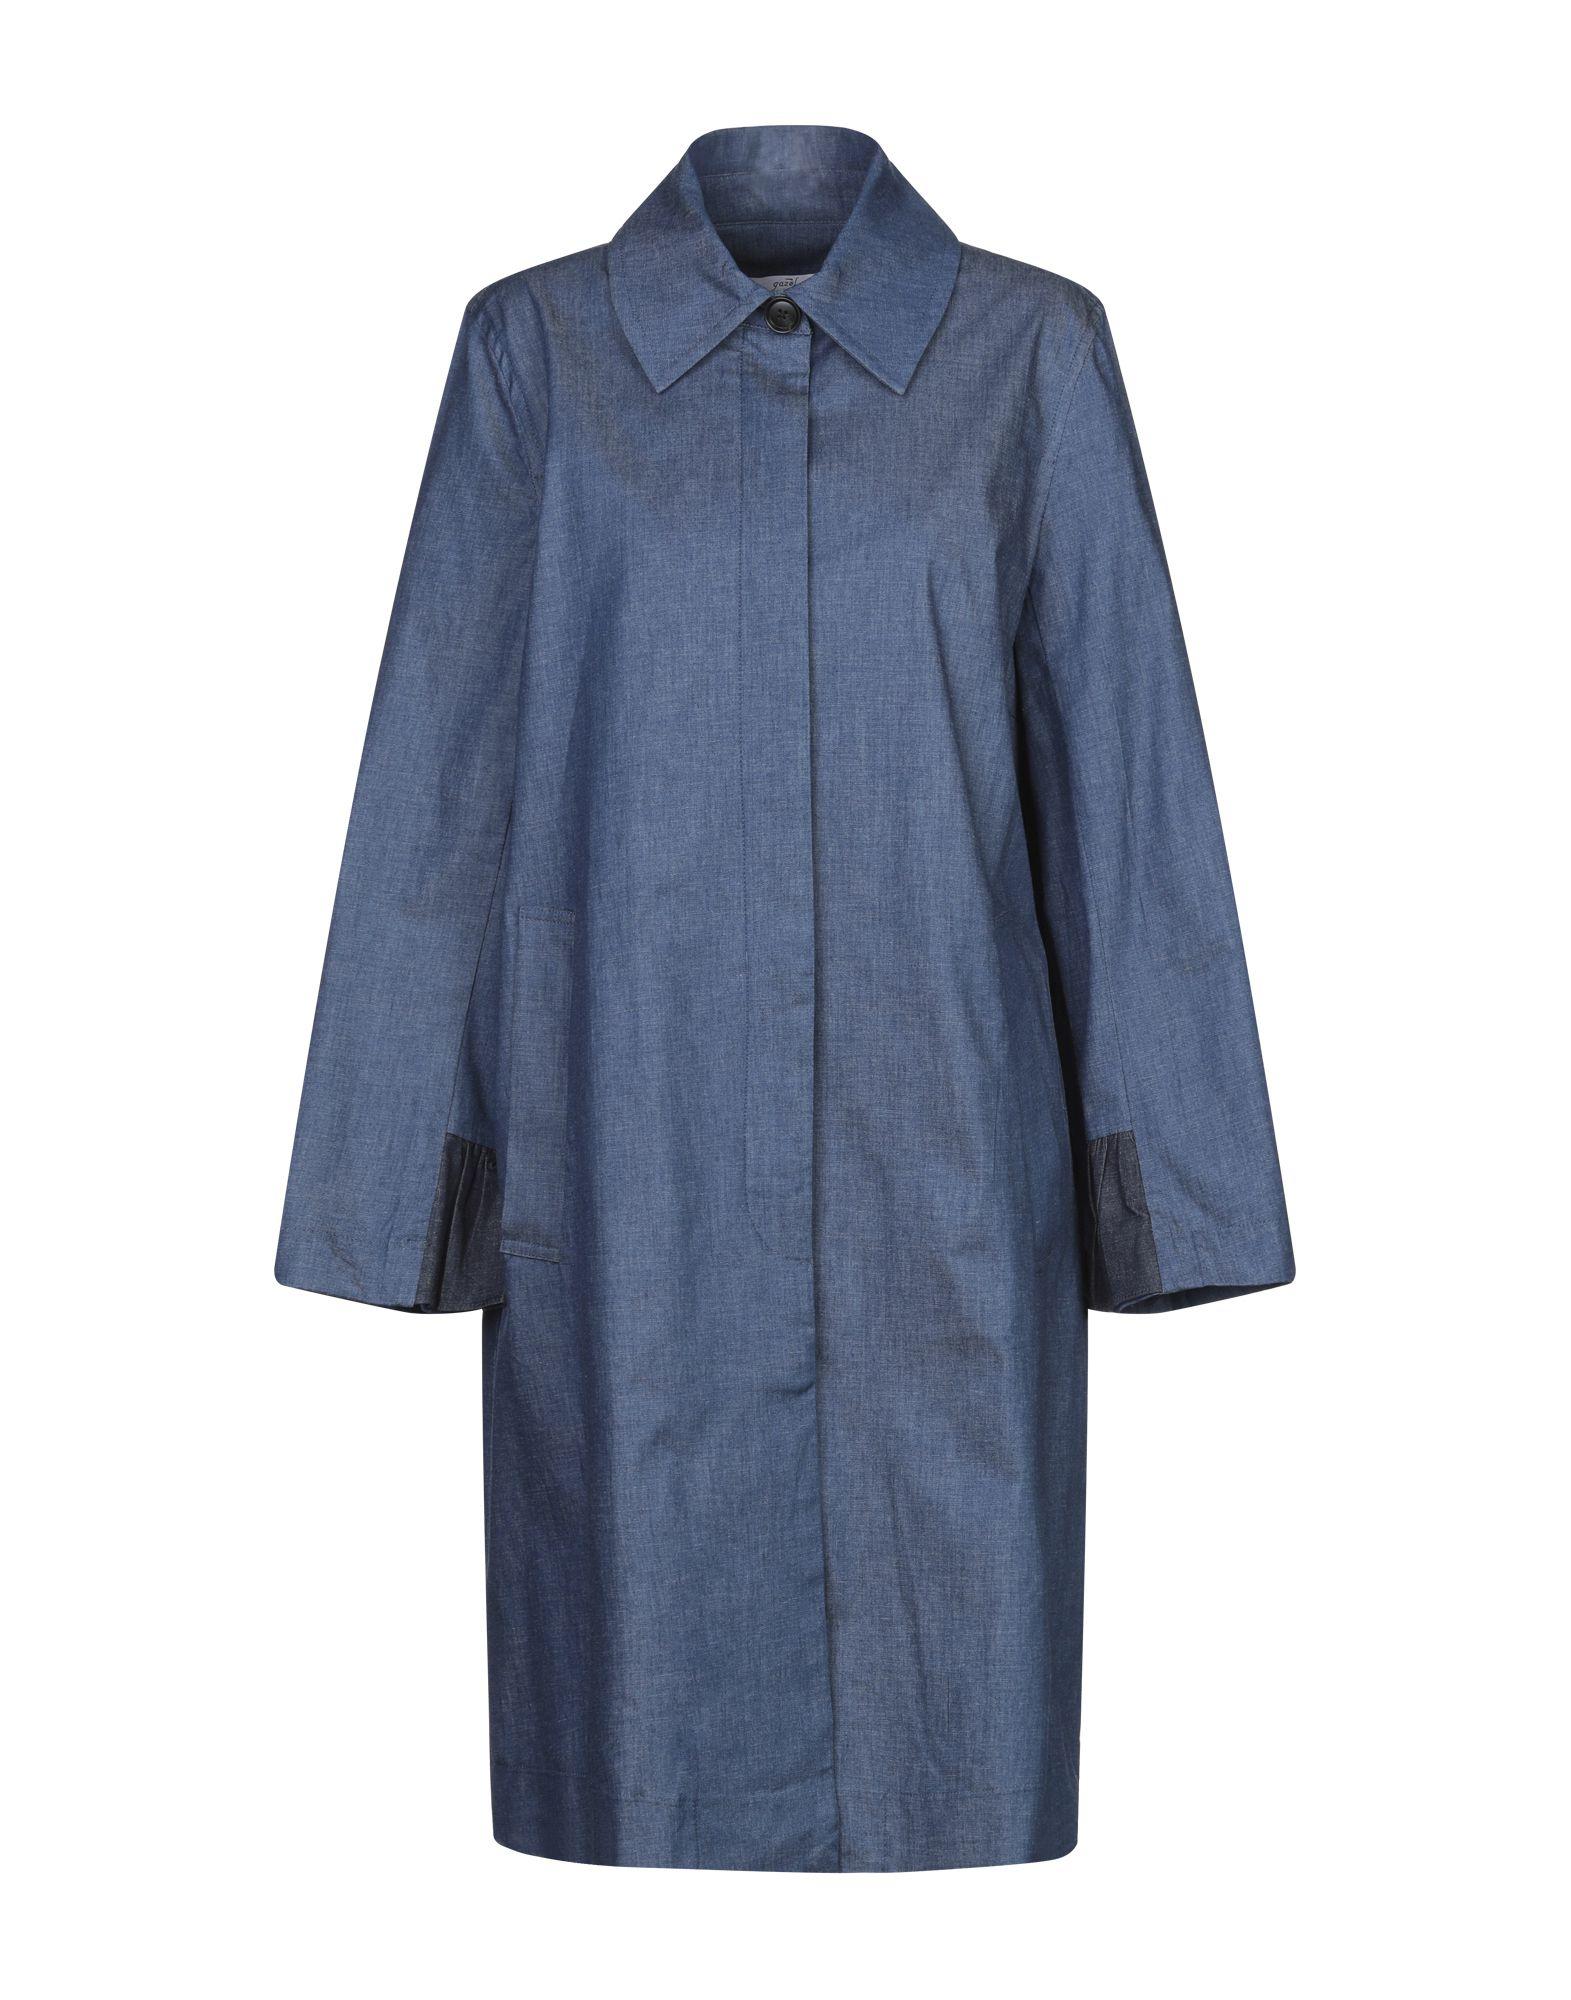 GAZEL Джинсовая верхняя одежда